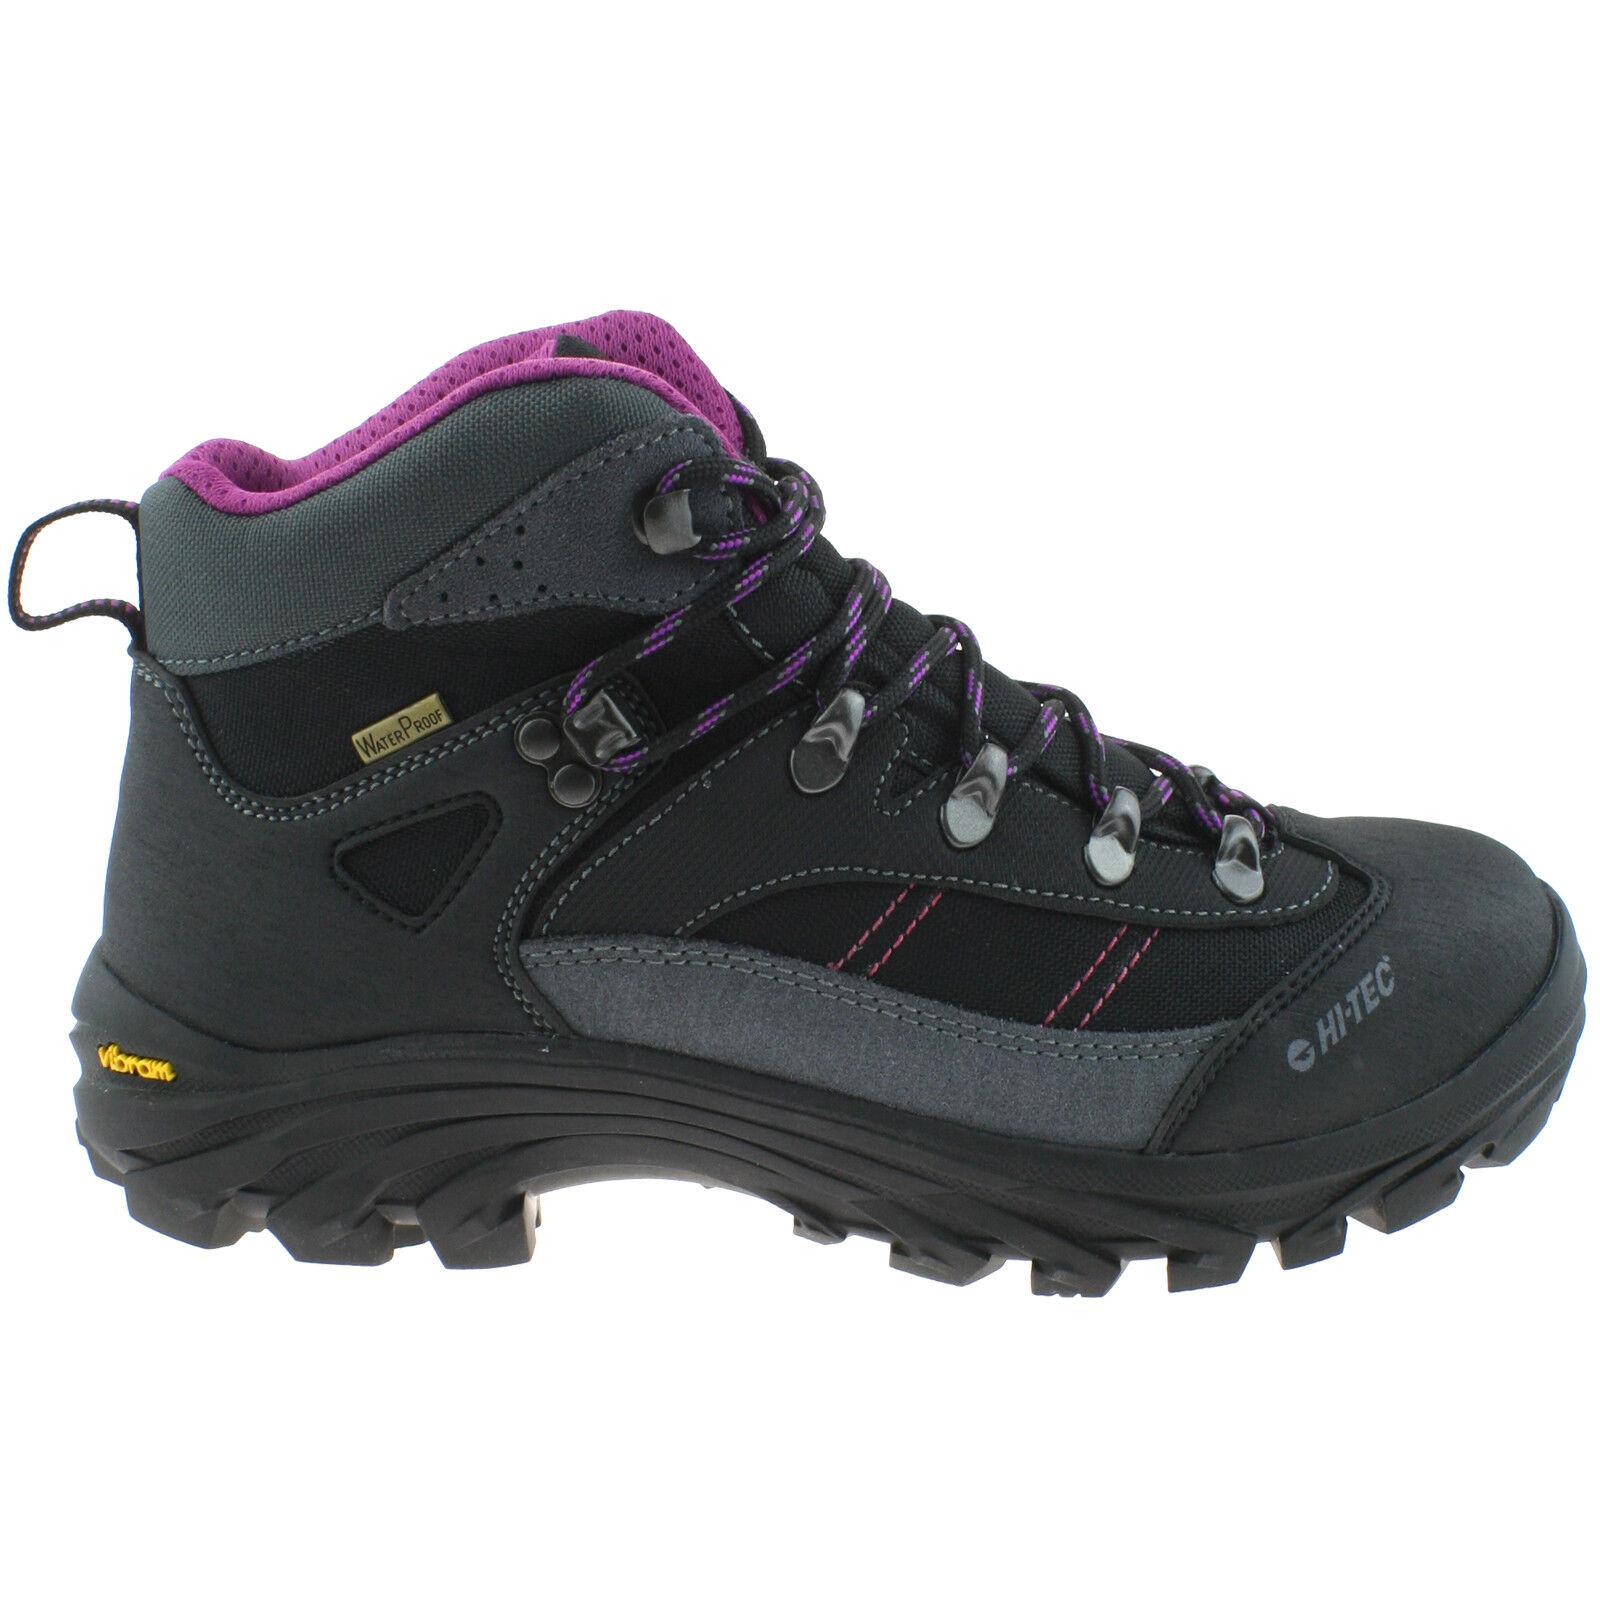 New Mens Hi-Tec Eurotrek Lite Waterproof Leather Walking Boots UK 6-13 Brown